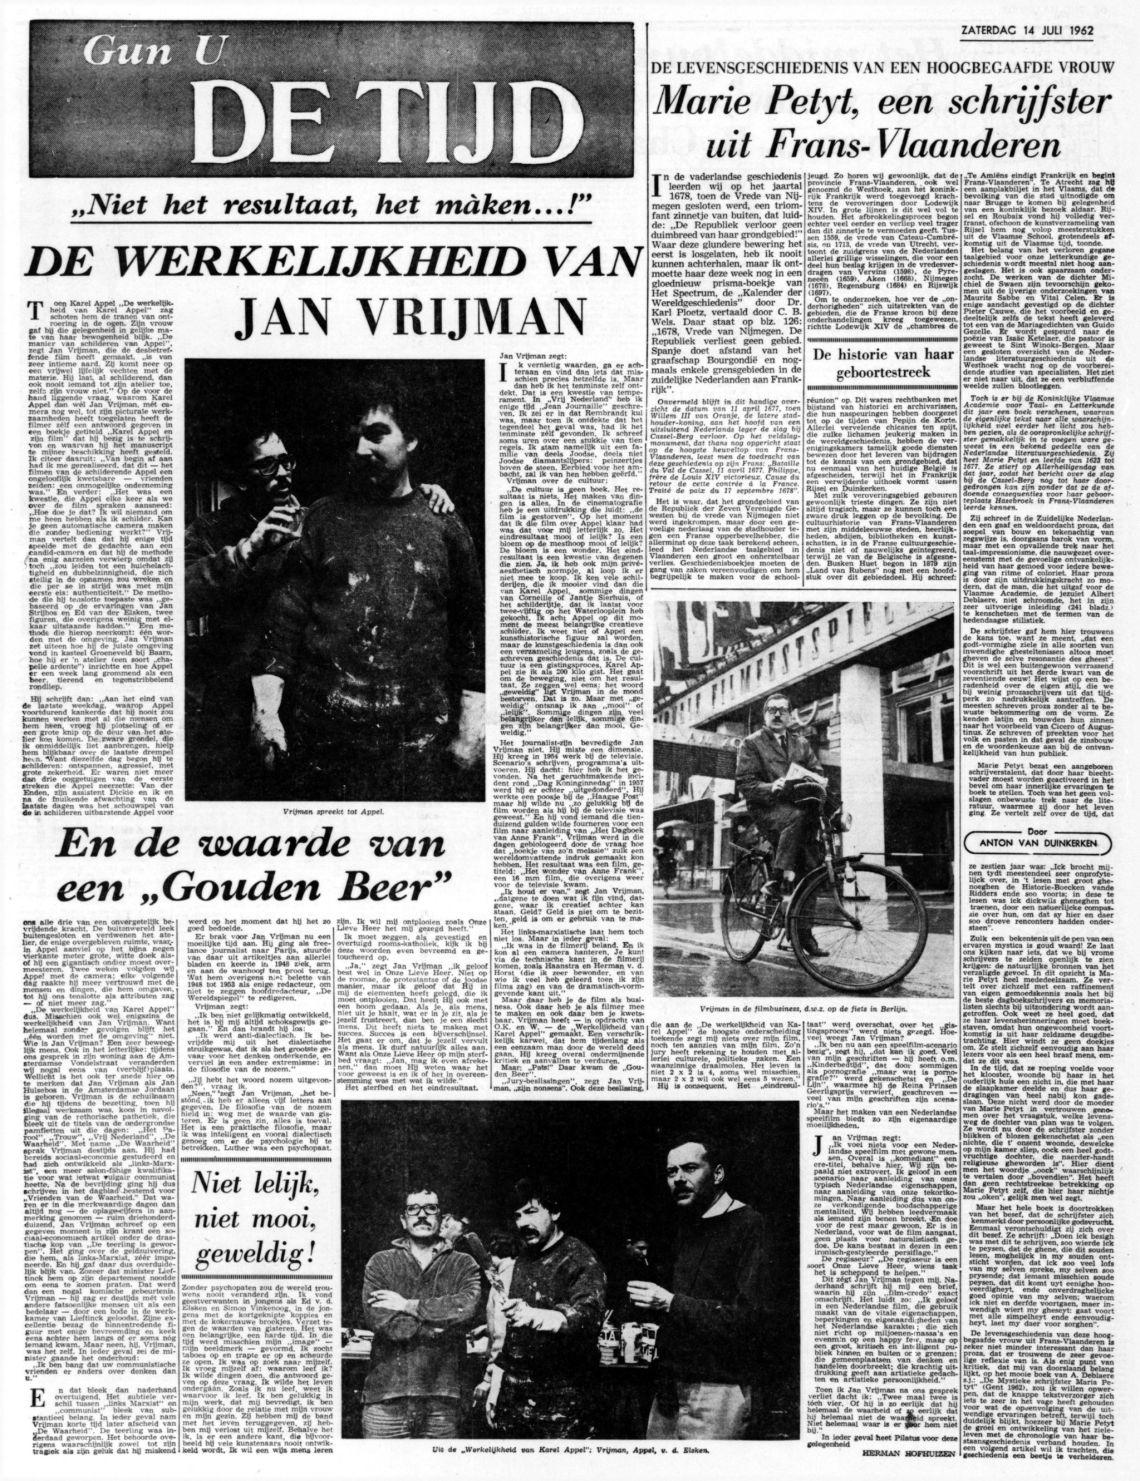 De Tijd De Maasbode 14-7-1962